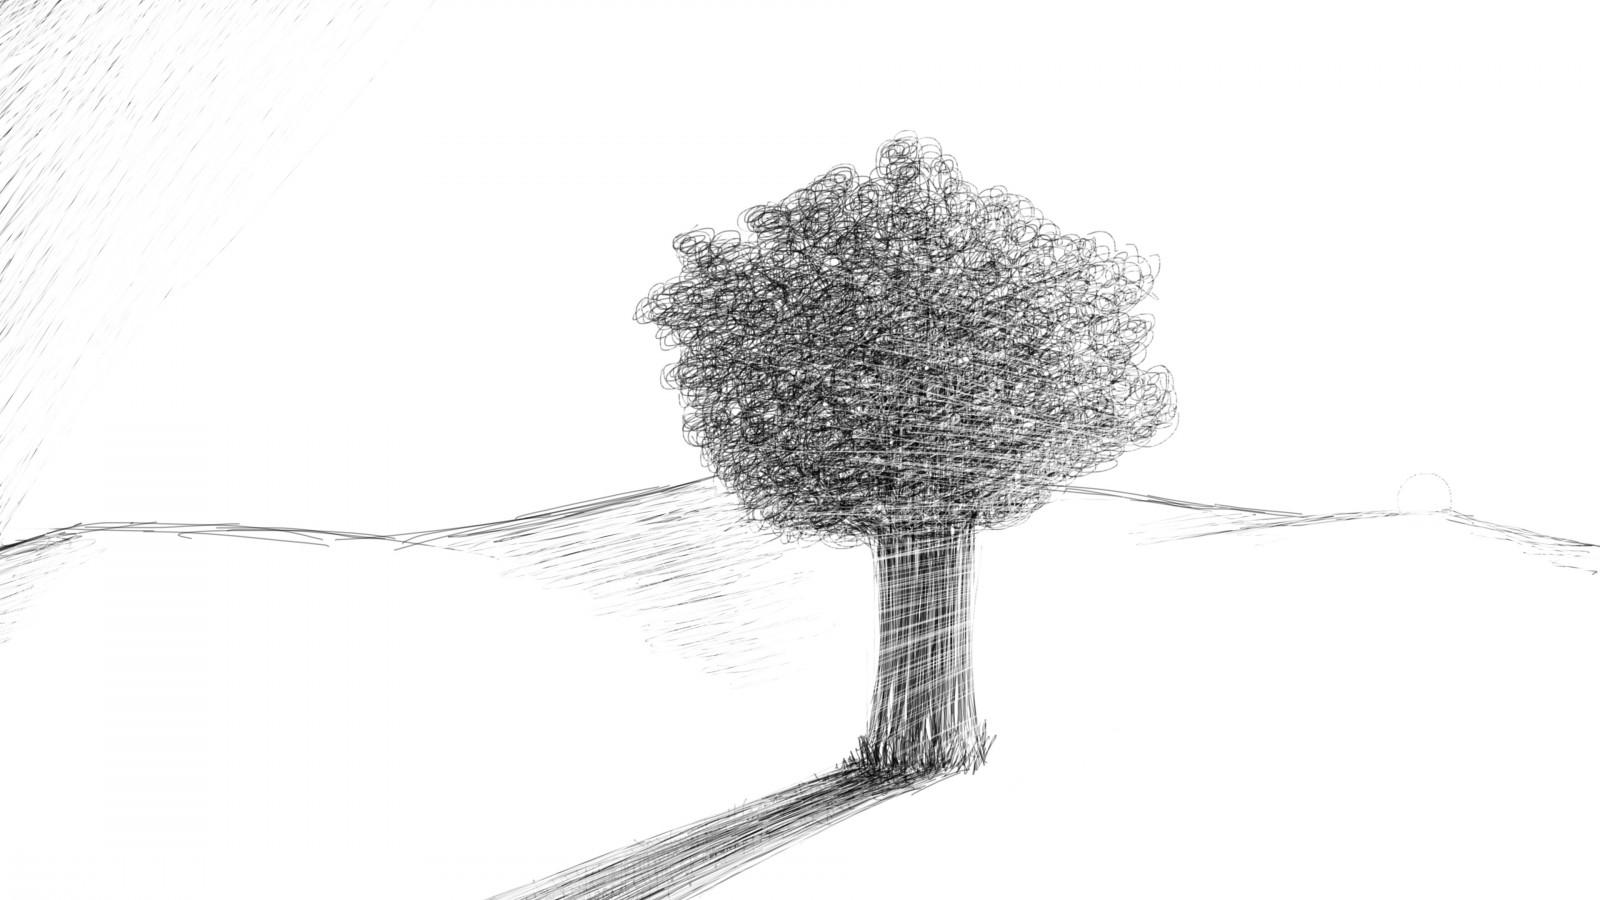 Pohon pemandangan gambar ilustrasi minimalis karya seni cabang sketsa pensil pohon daun tangan garis sketsa ranting